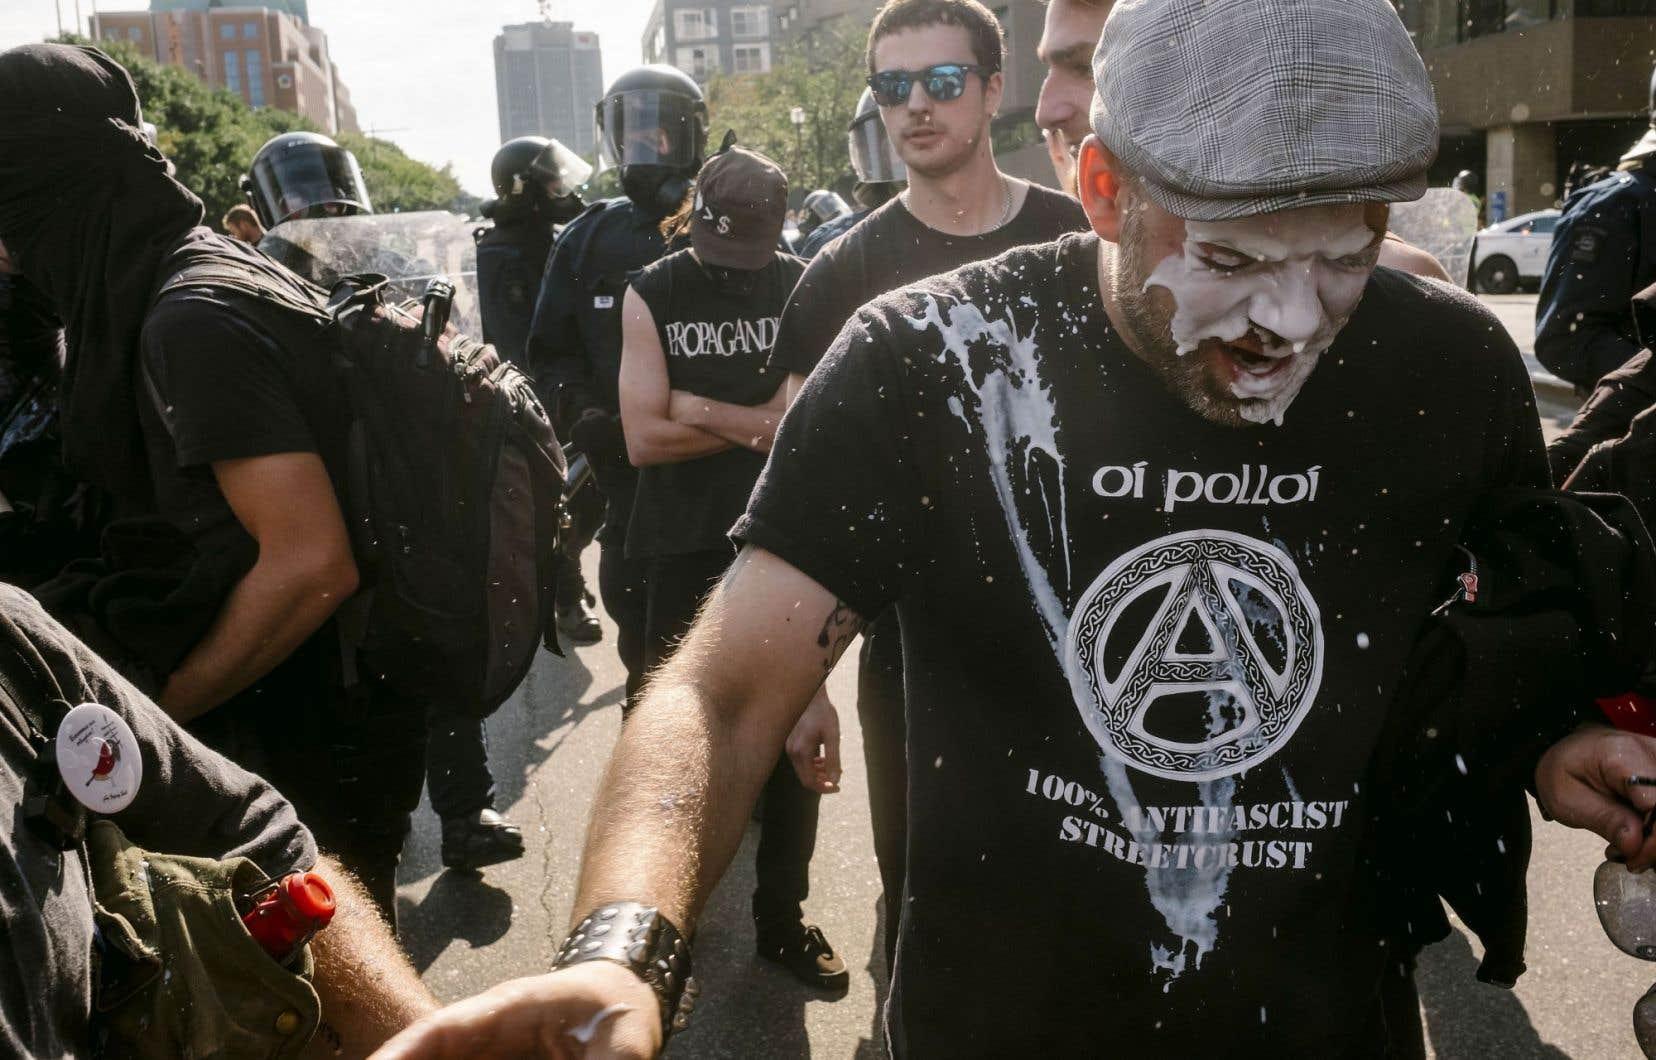 Plusieurs militants antiracisme s'étaient rassemblés à Québec pour empêcher la manifestation des membres de La Meute.